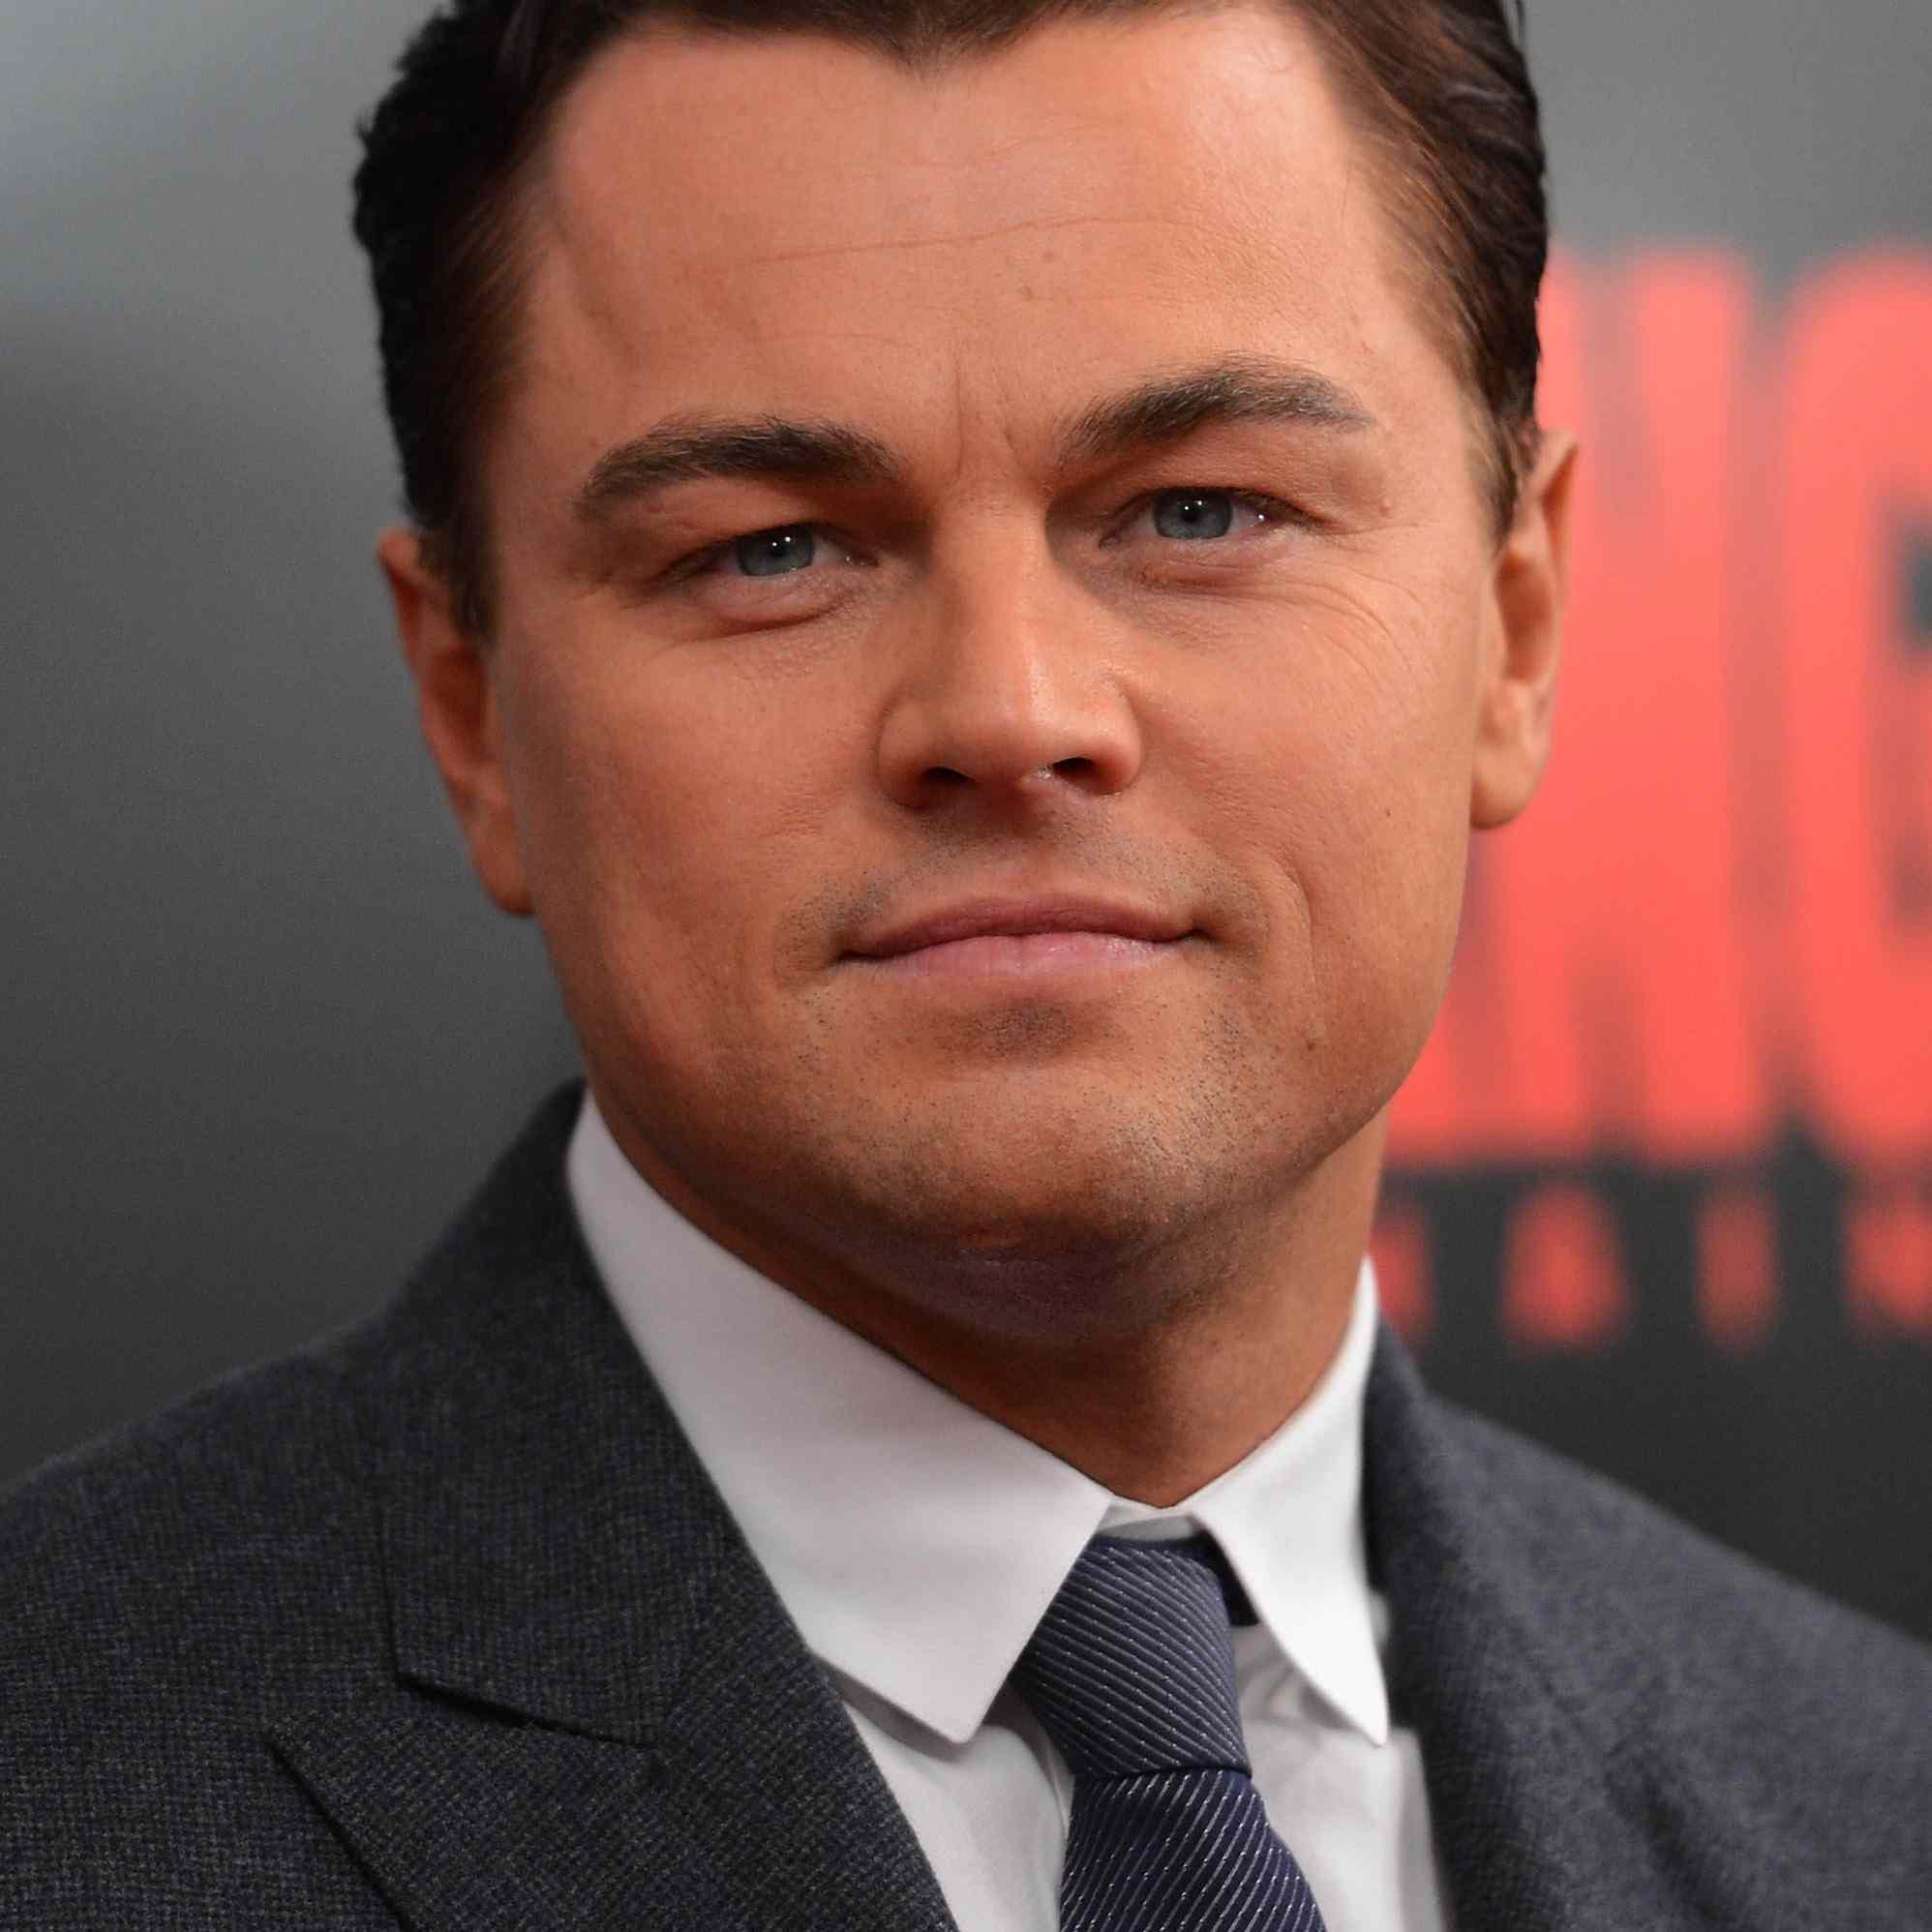 Leonardo DiCaprio Hair 2012